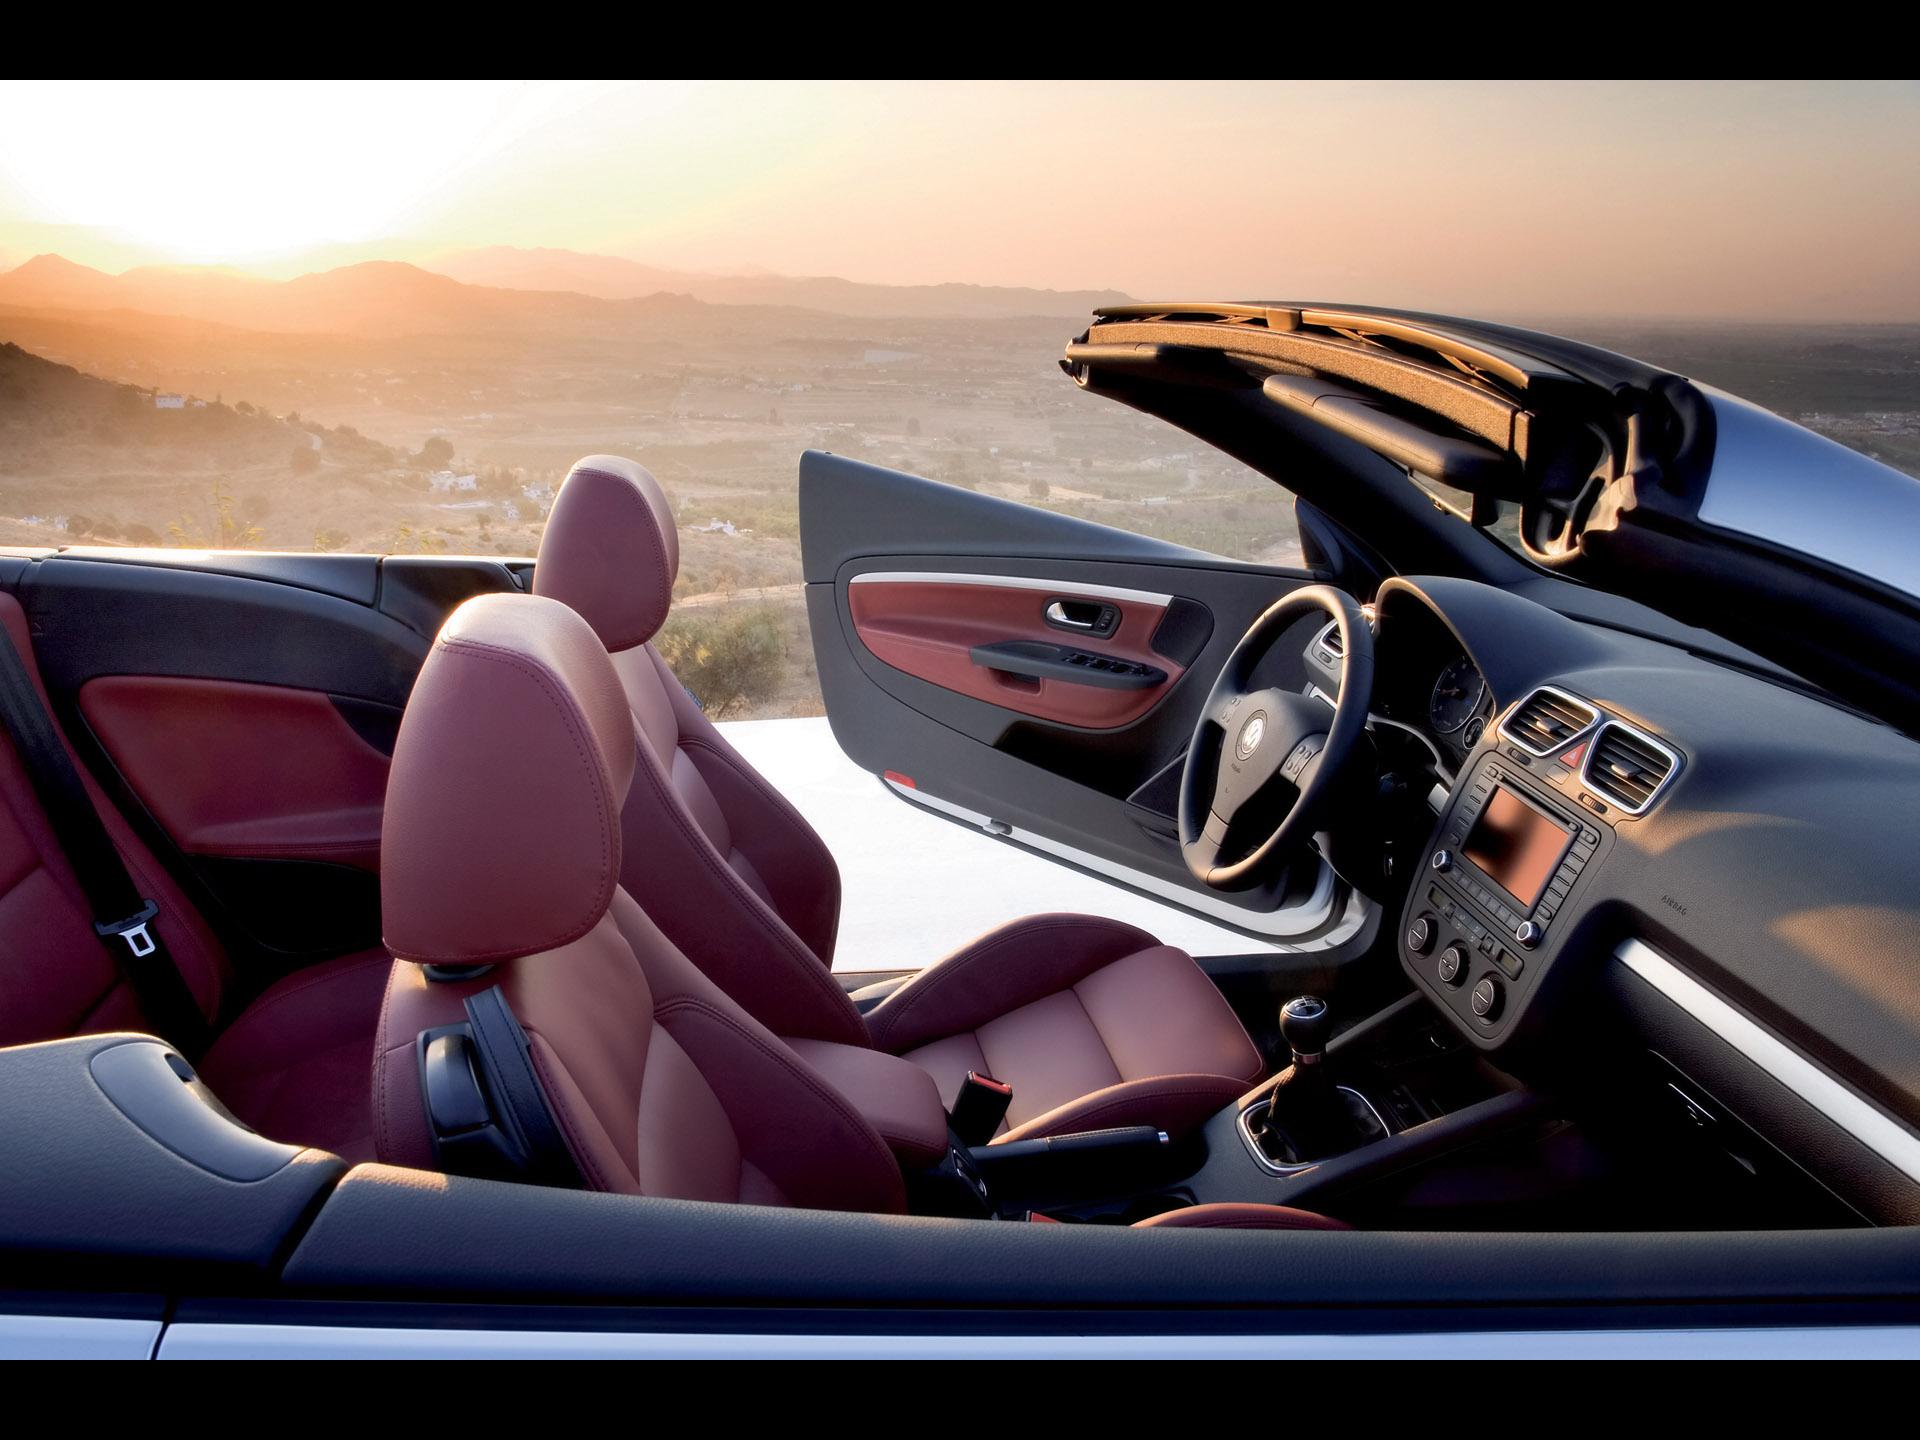 Intérieur - Page 1 - VW Eos - http://auto-concept.info/